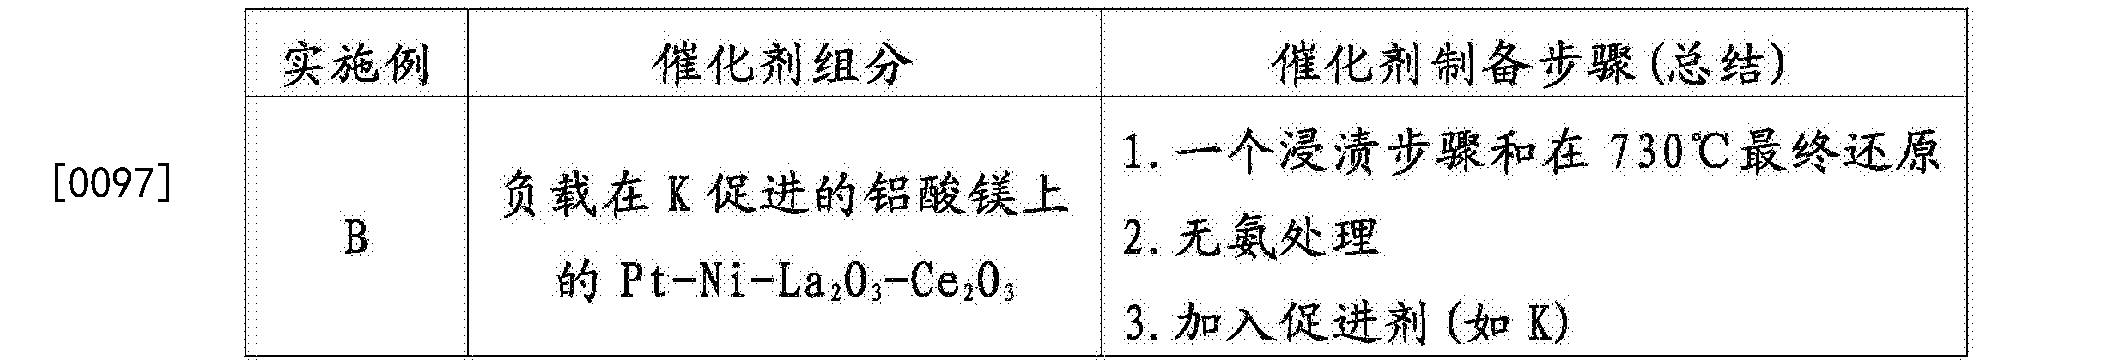 Figure CN105555707BD00151